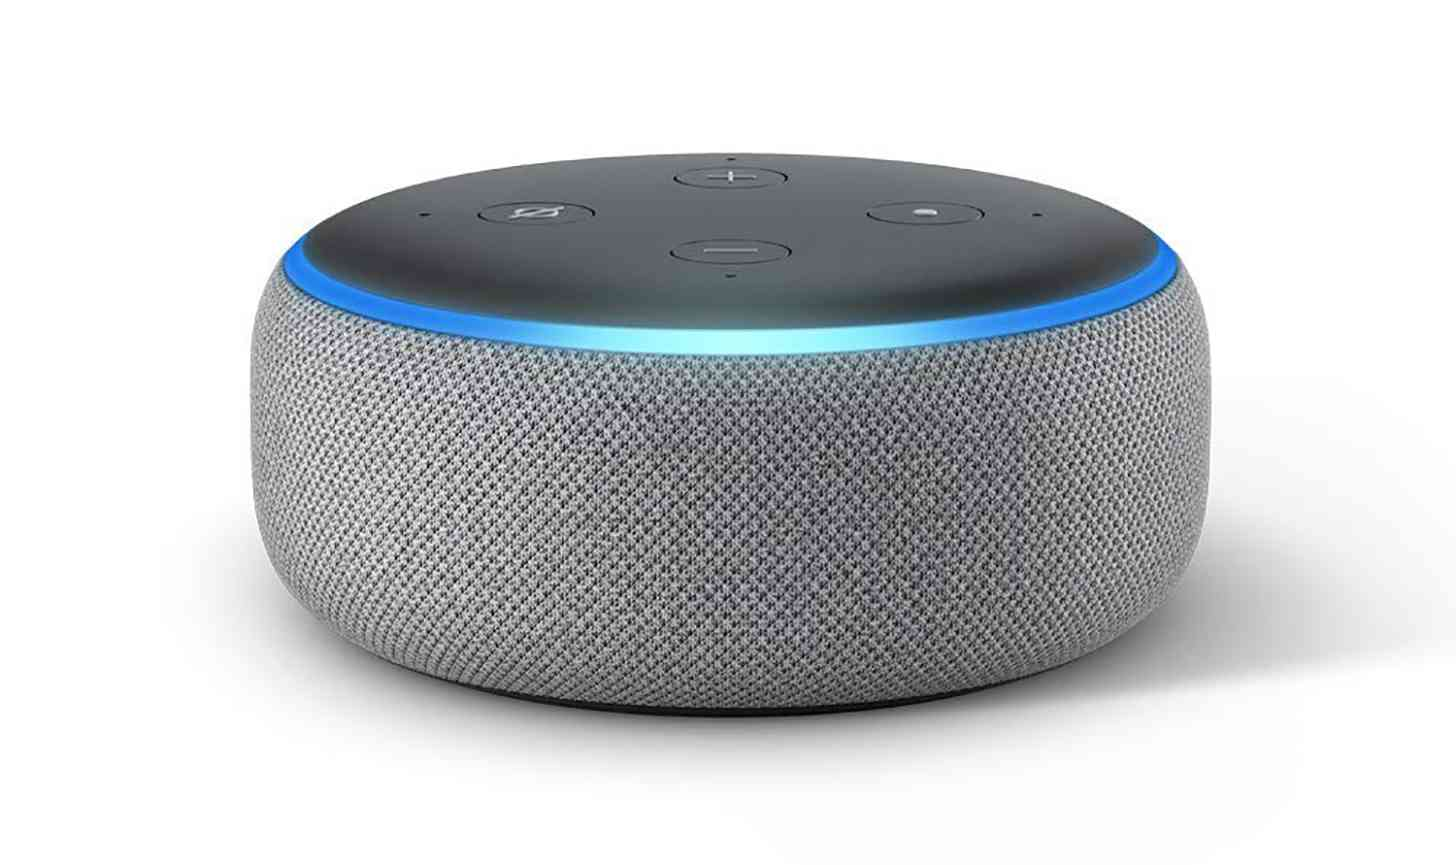 Amazon Echo Dot official